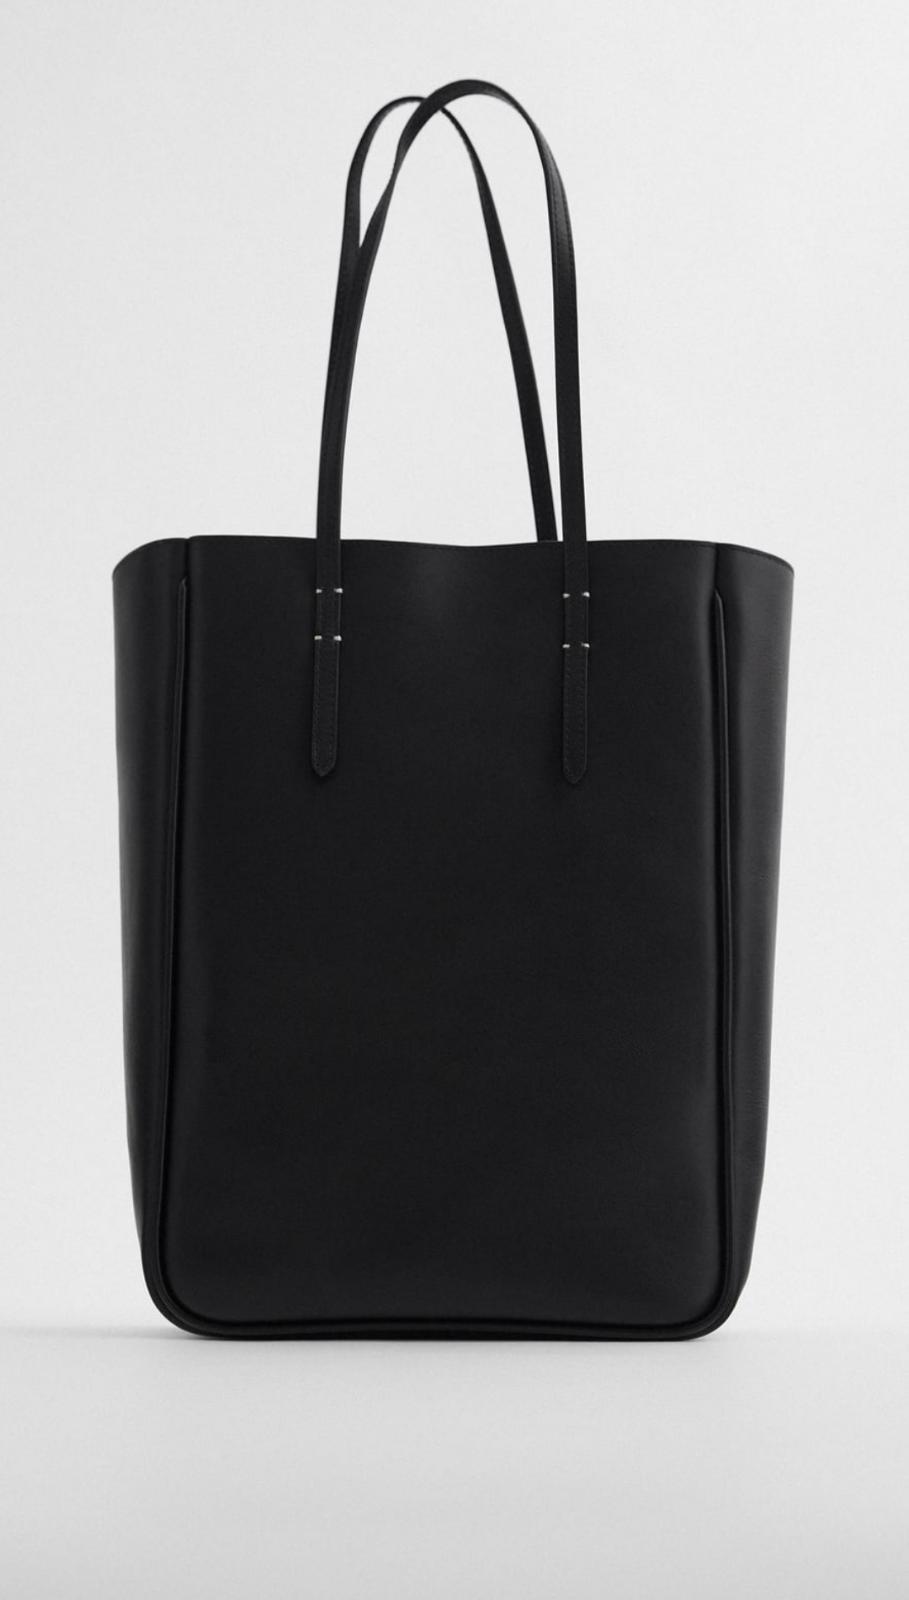 Bolso shopper rectangular de piel con asa al hombro de color negro, de Zara (79'95€)